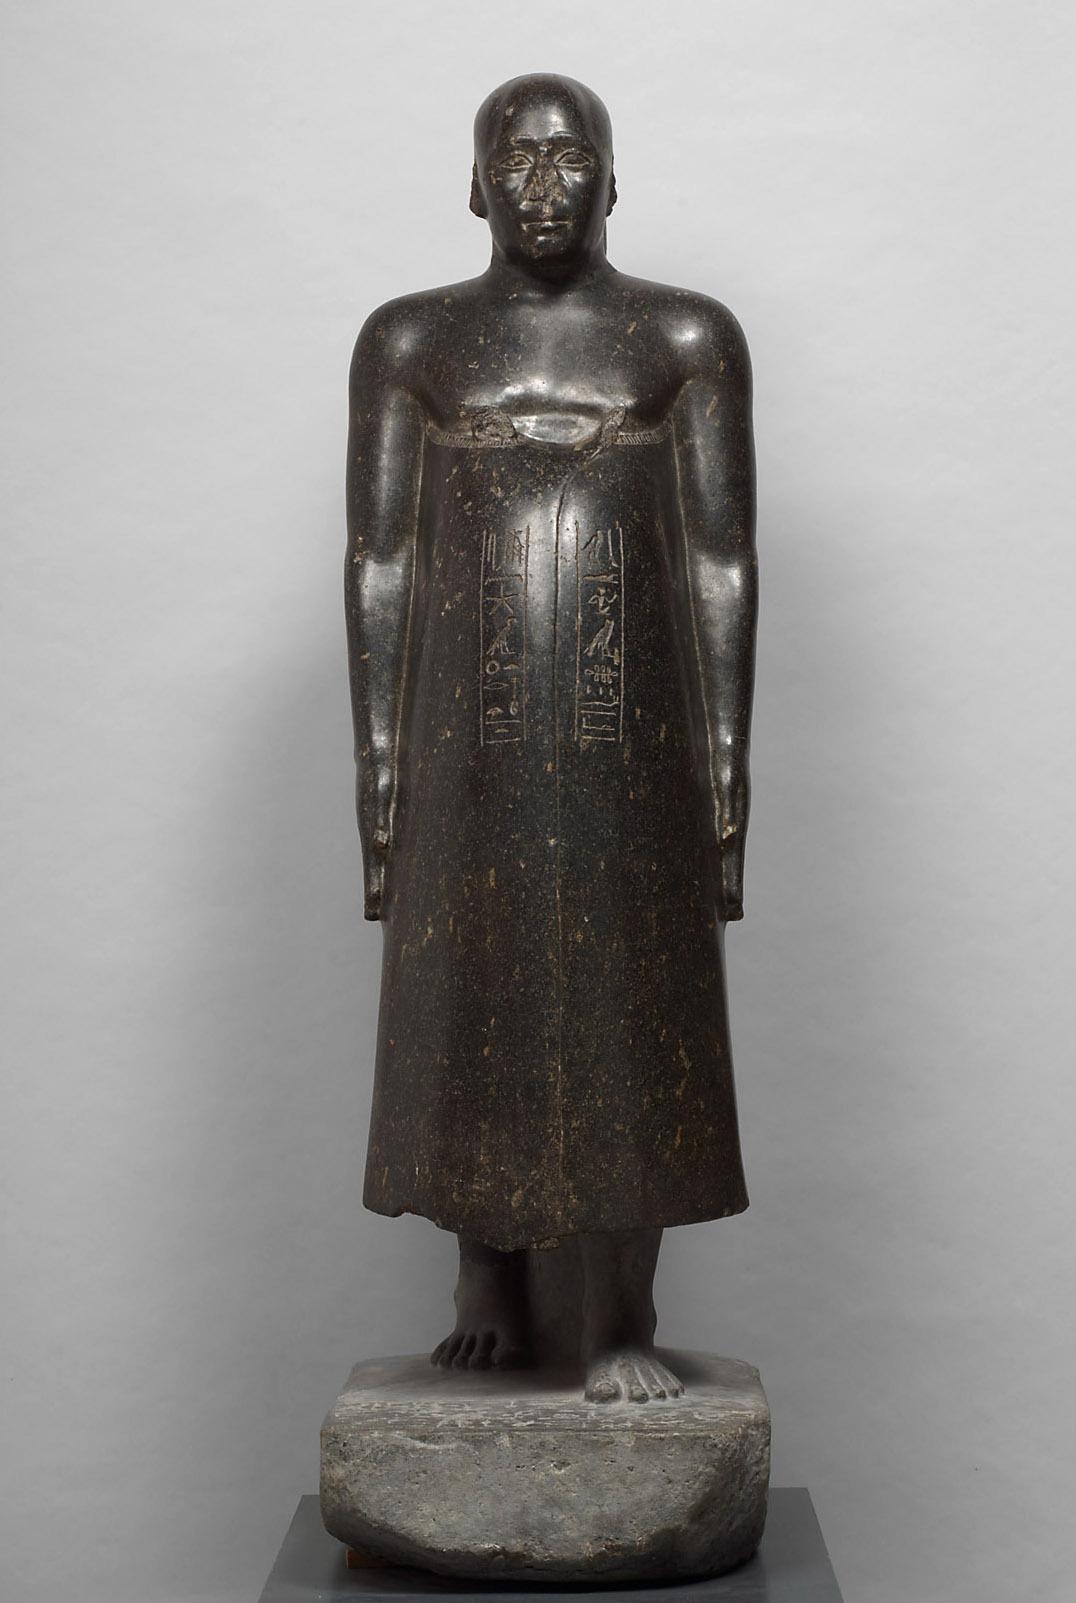 Statue des Sebek-em-saf